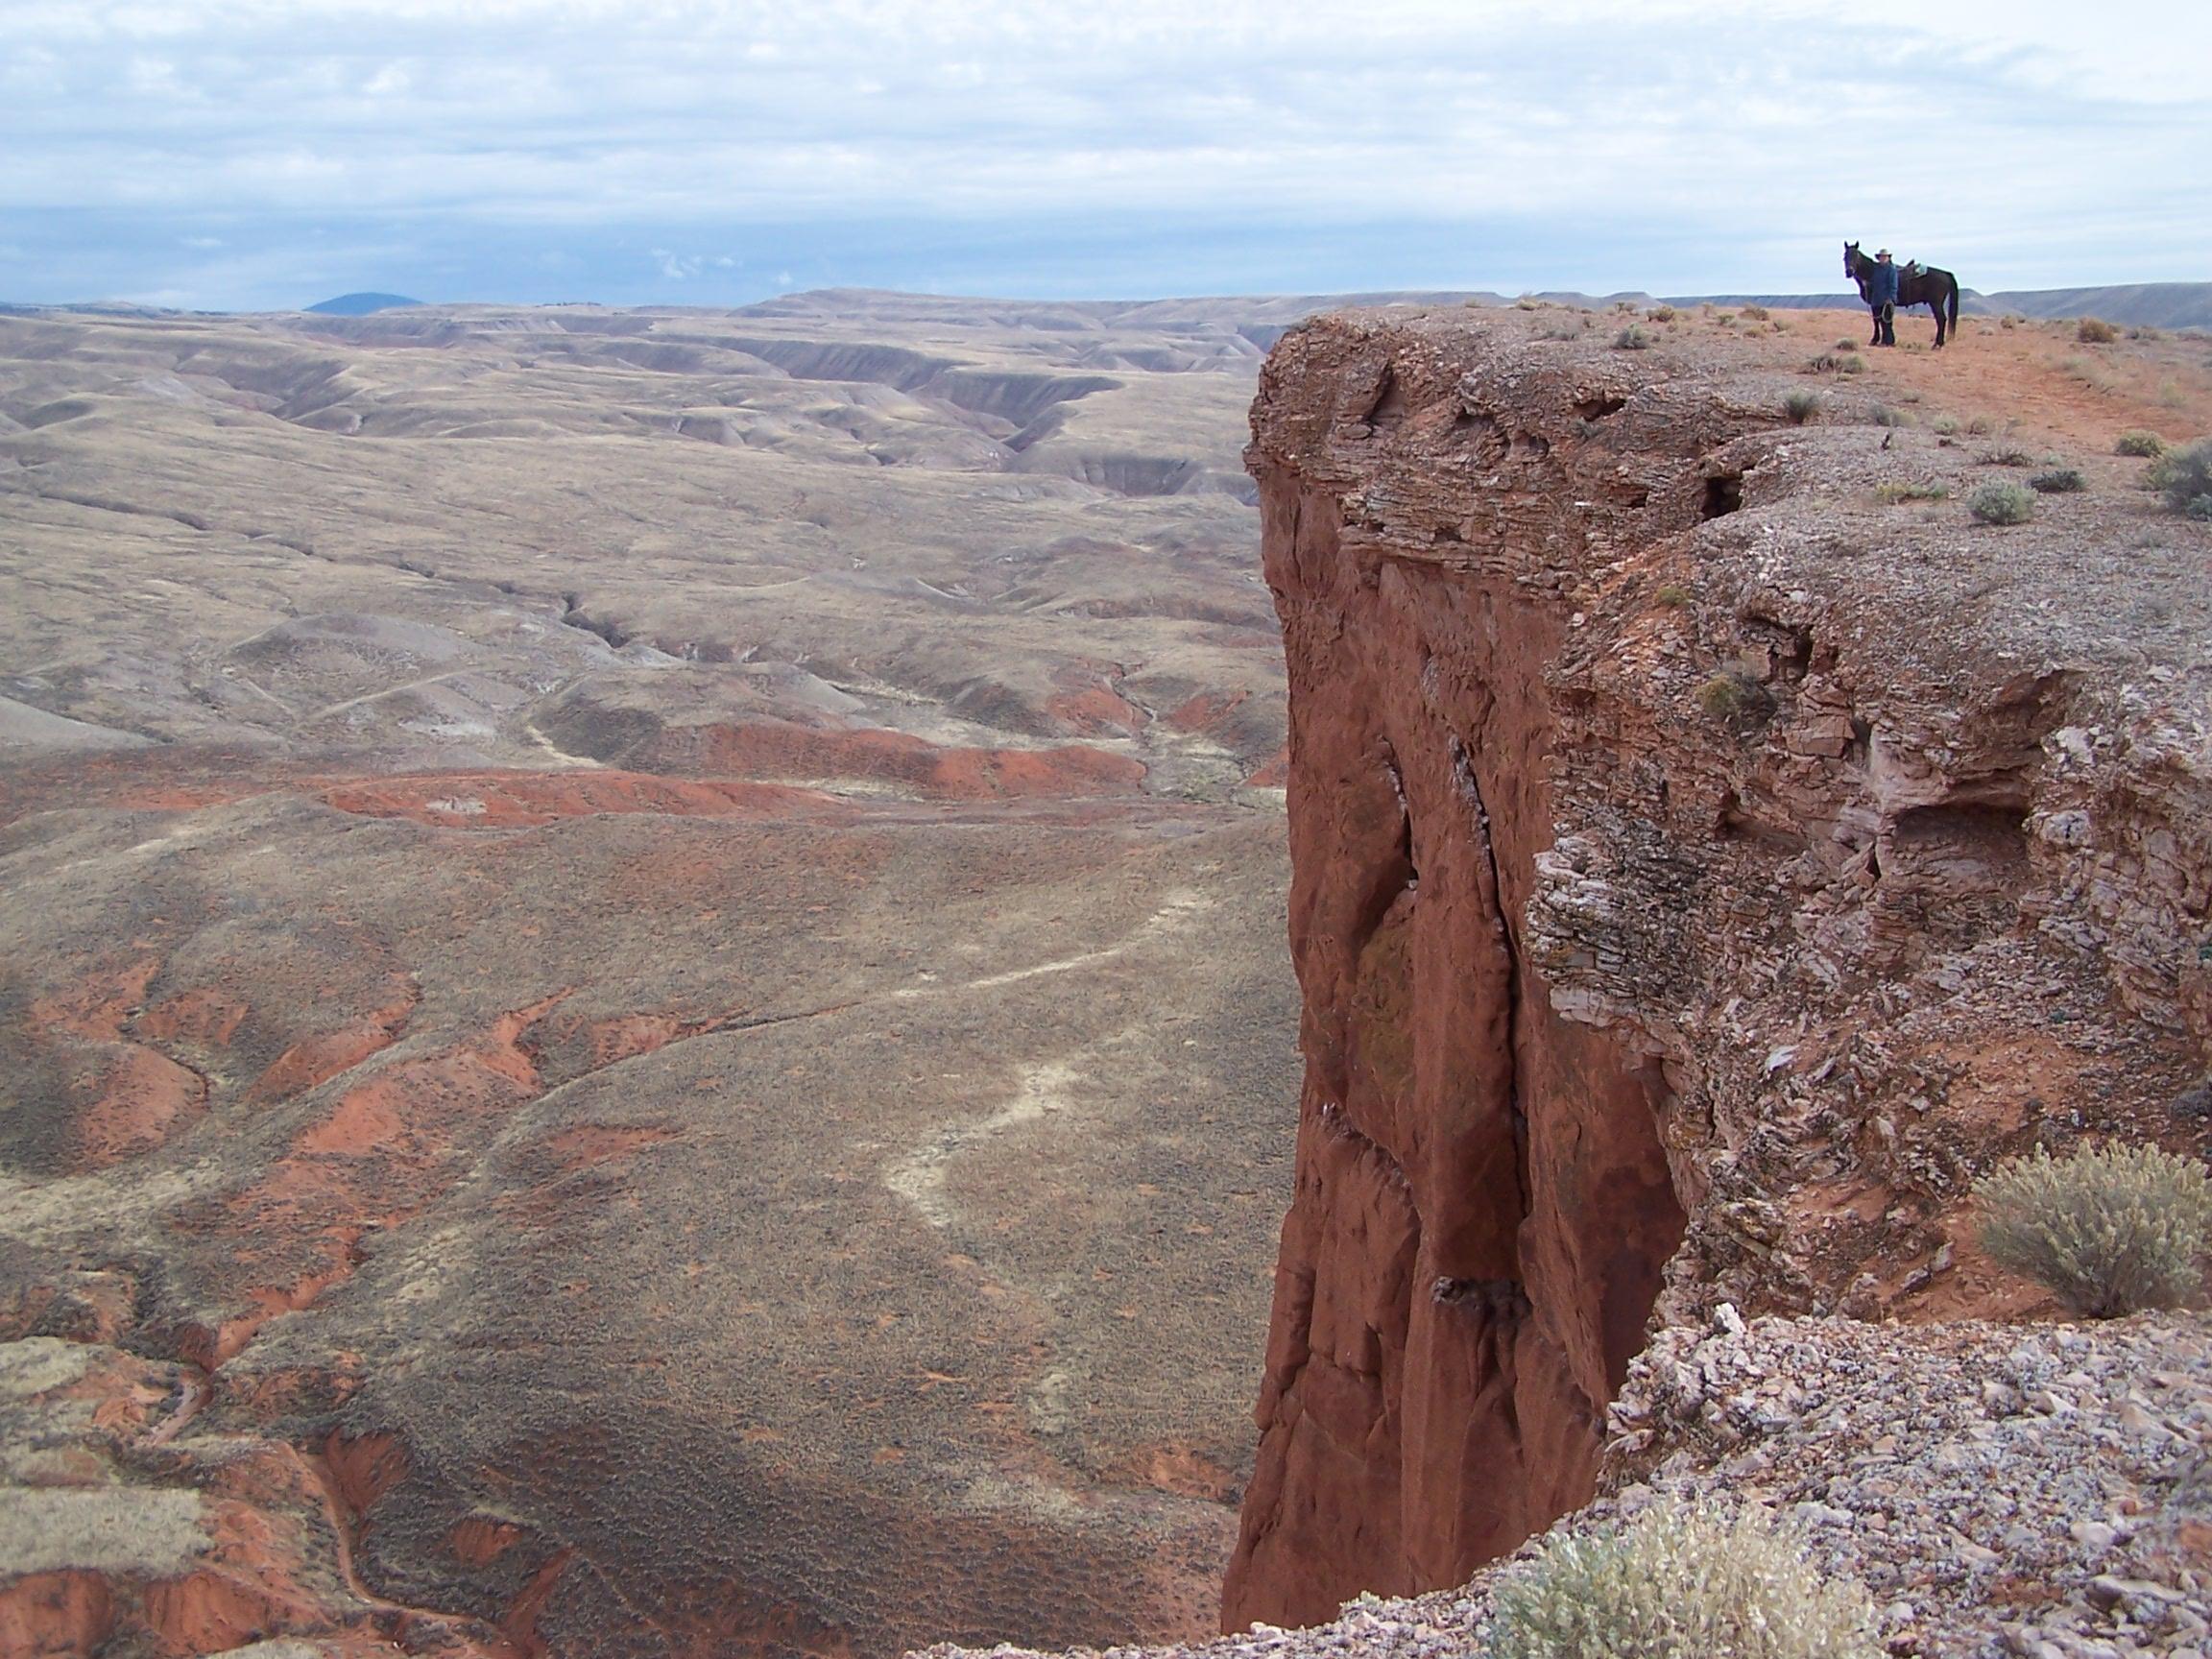 Wyoming vanop een paardenrug - Vakantie te paard / Reisbureau Perlan